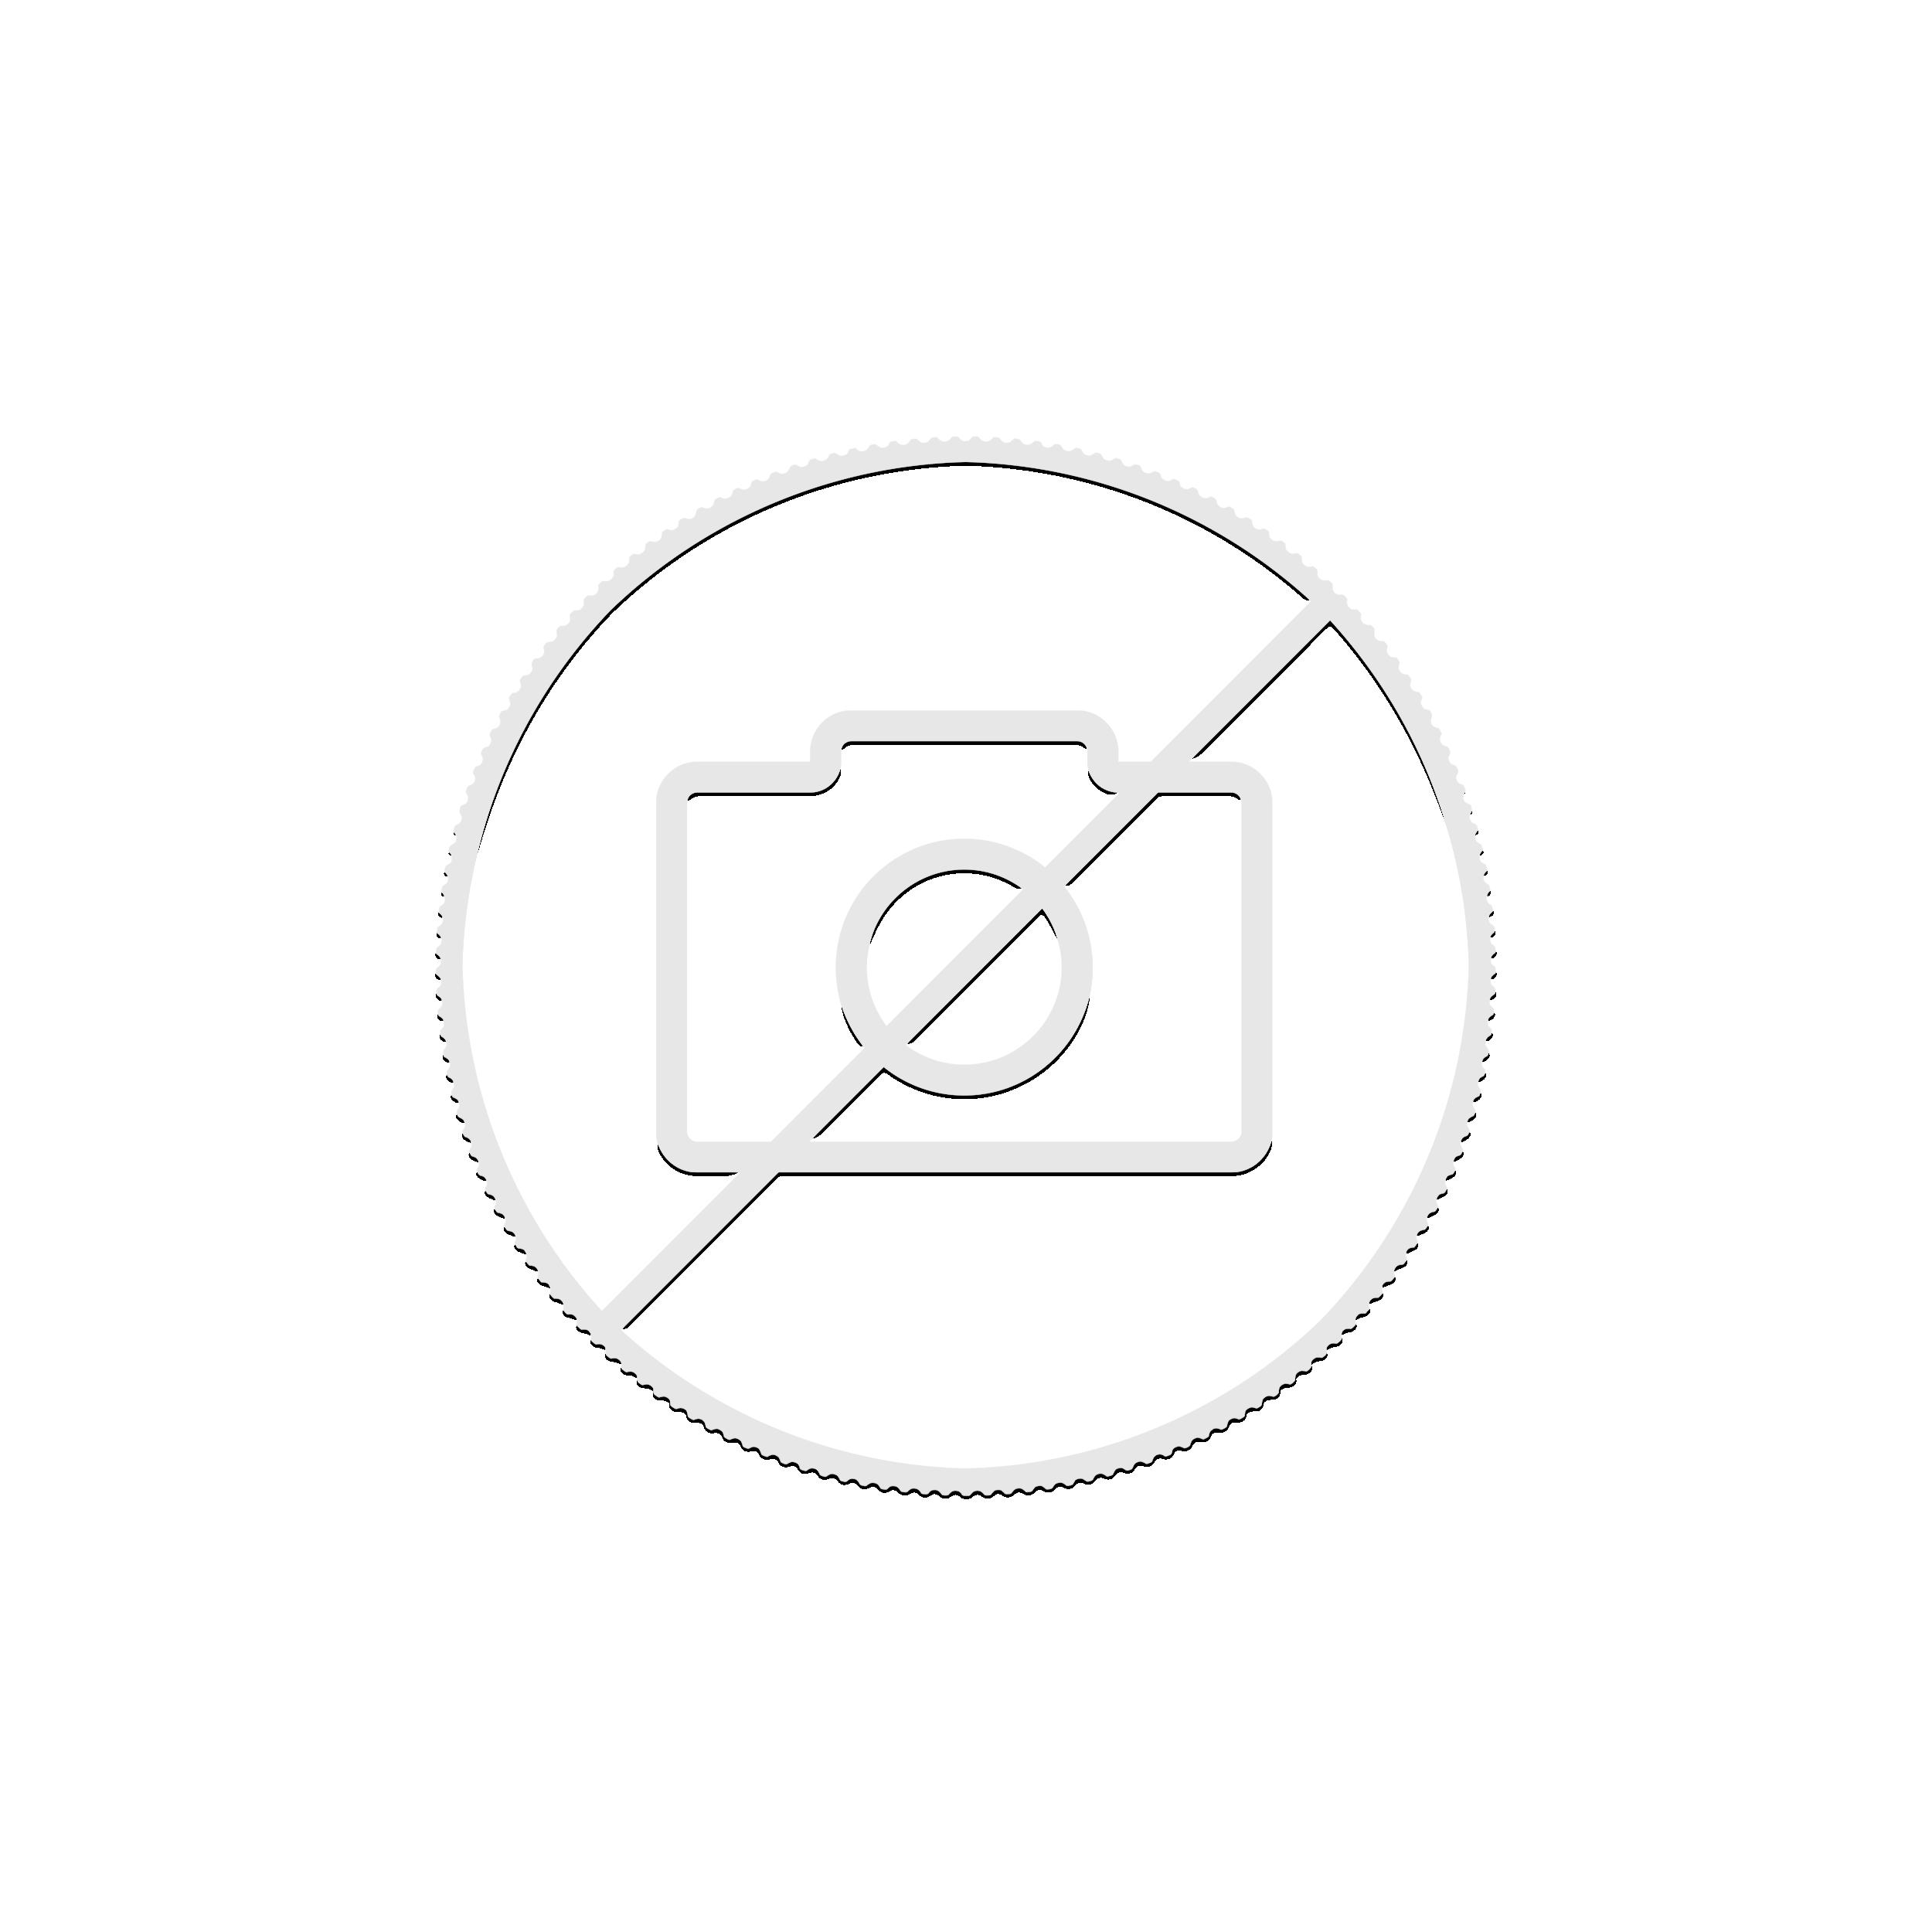 1 Troy ounce zilveren munt Disney Stoomboot Willie 2020 - Proof